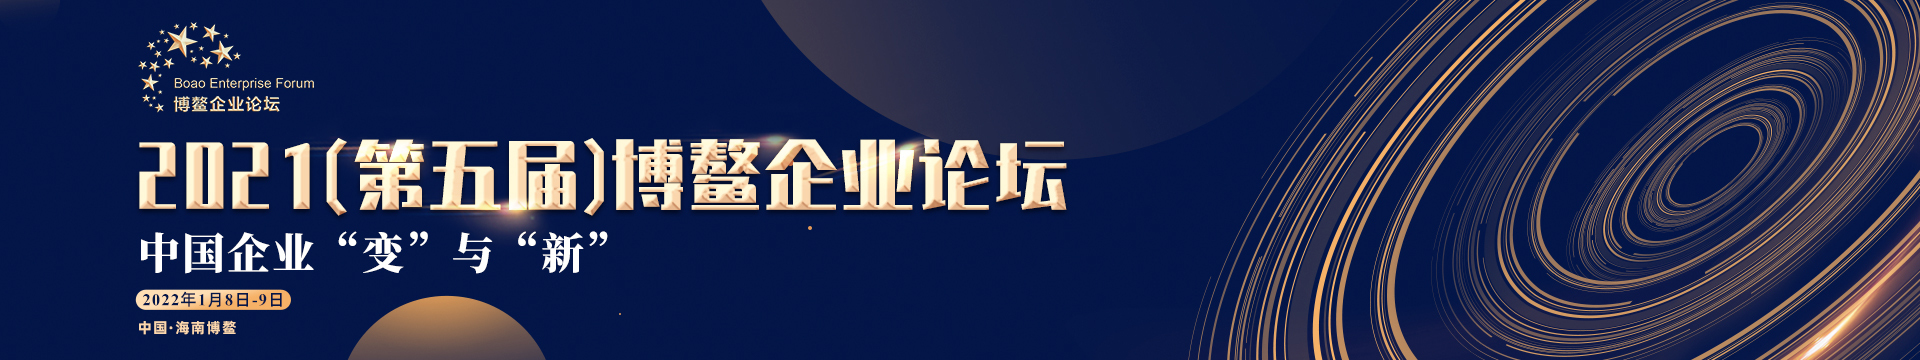 2021博鳌企业论坛